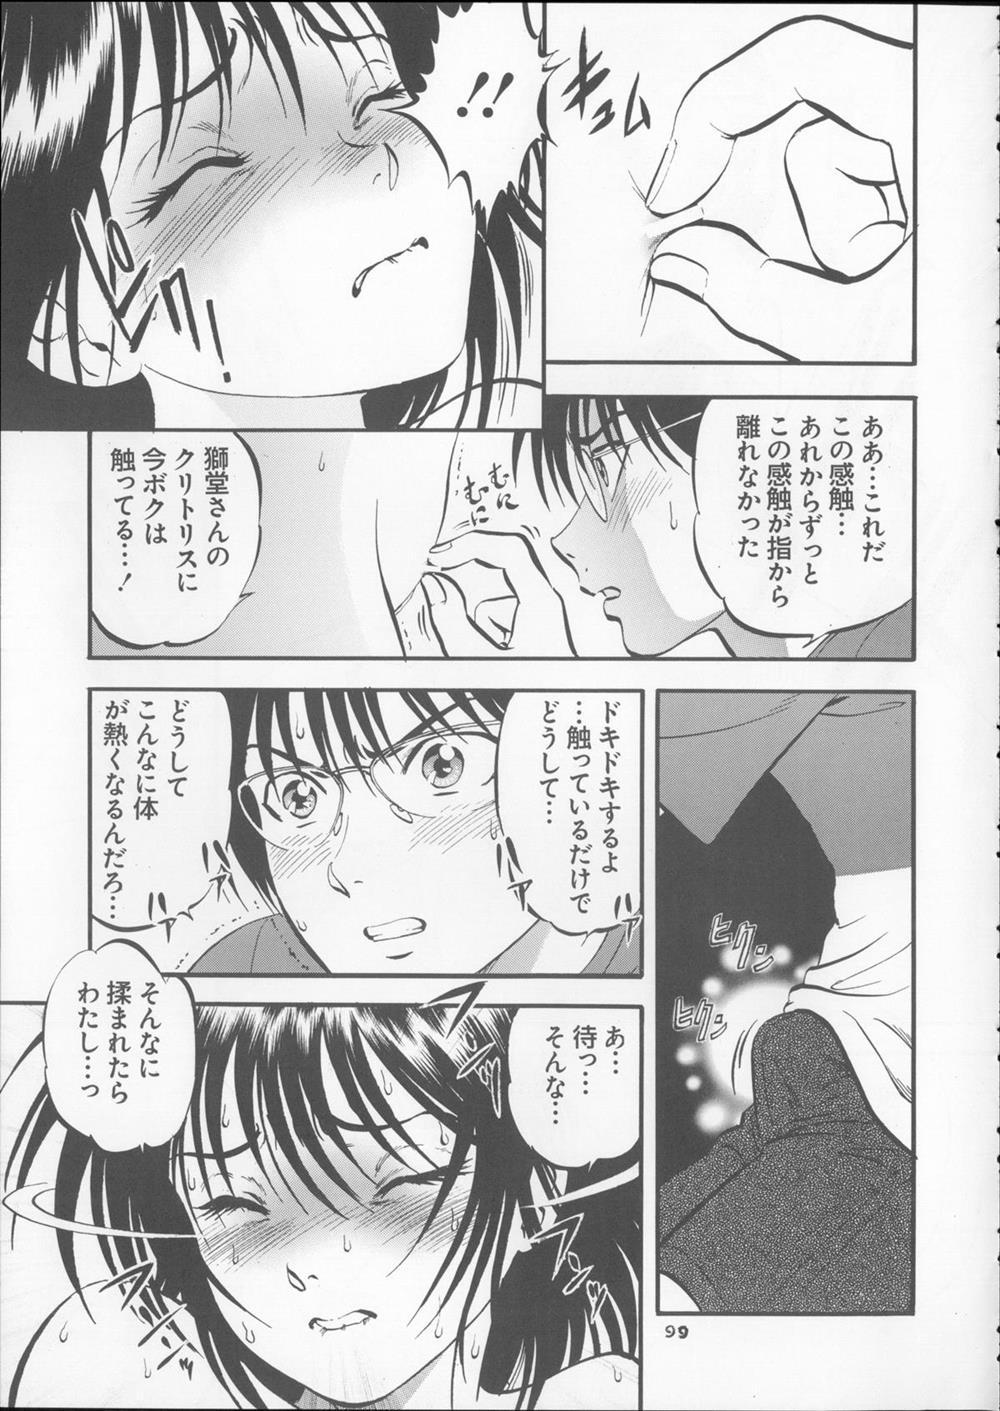 クリトリスの皮を剥かれて敏感になった女の子www同級生にいたずらされまくるwww【エロ漫画・エロ同人】 (98)